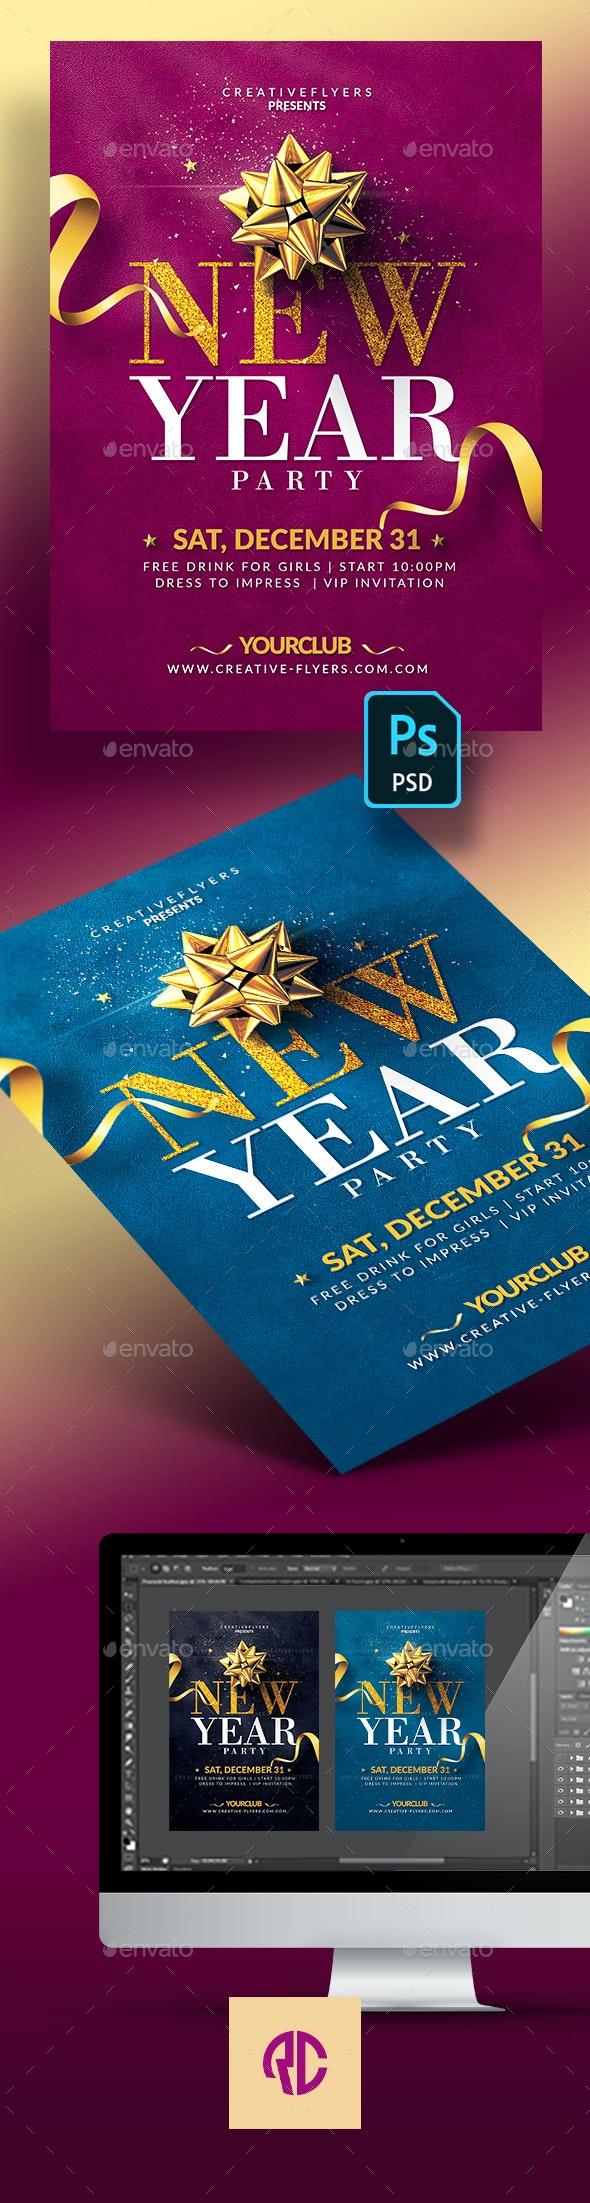 Elegant New Year Flyer Templates - Events Flyers